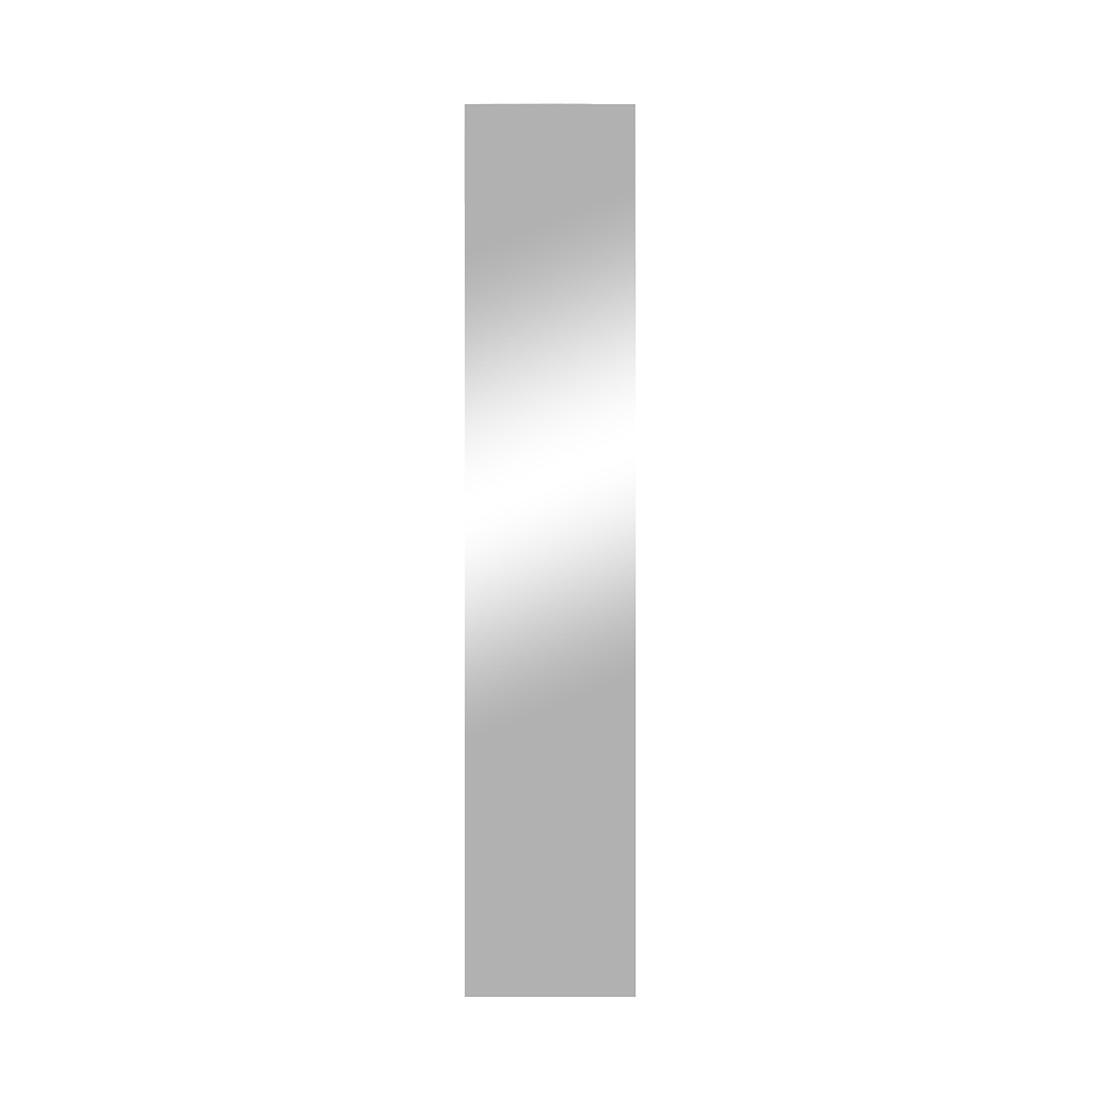 Spiegel Woodkid IV, Jung & Söhne online kaufen